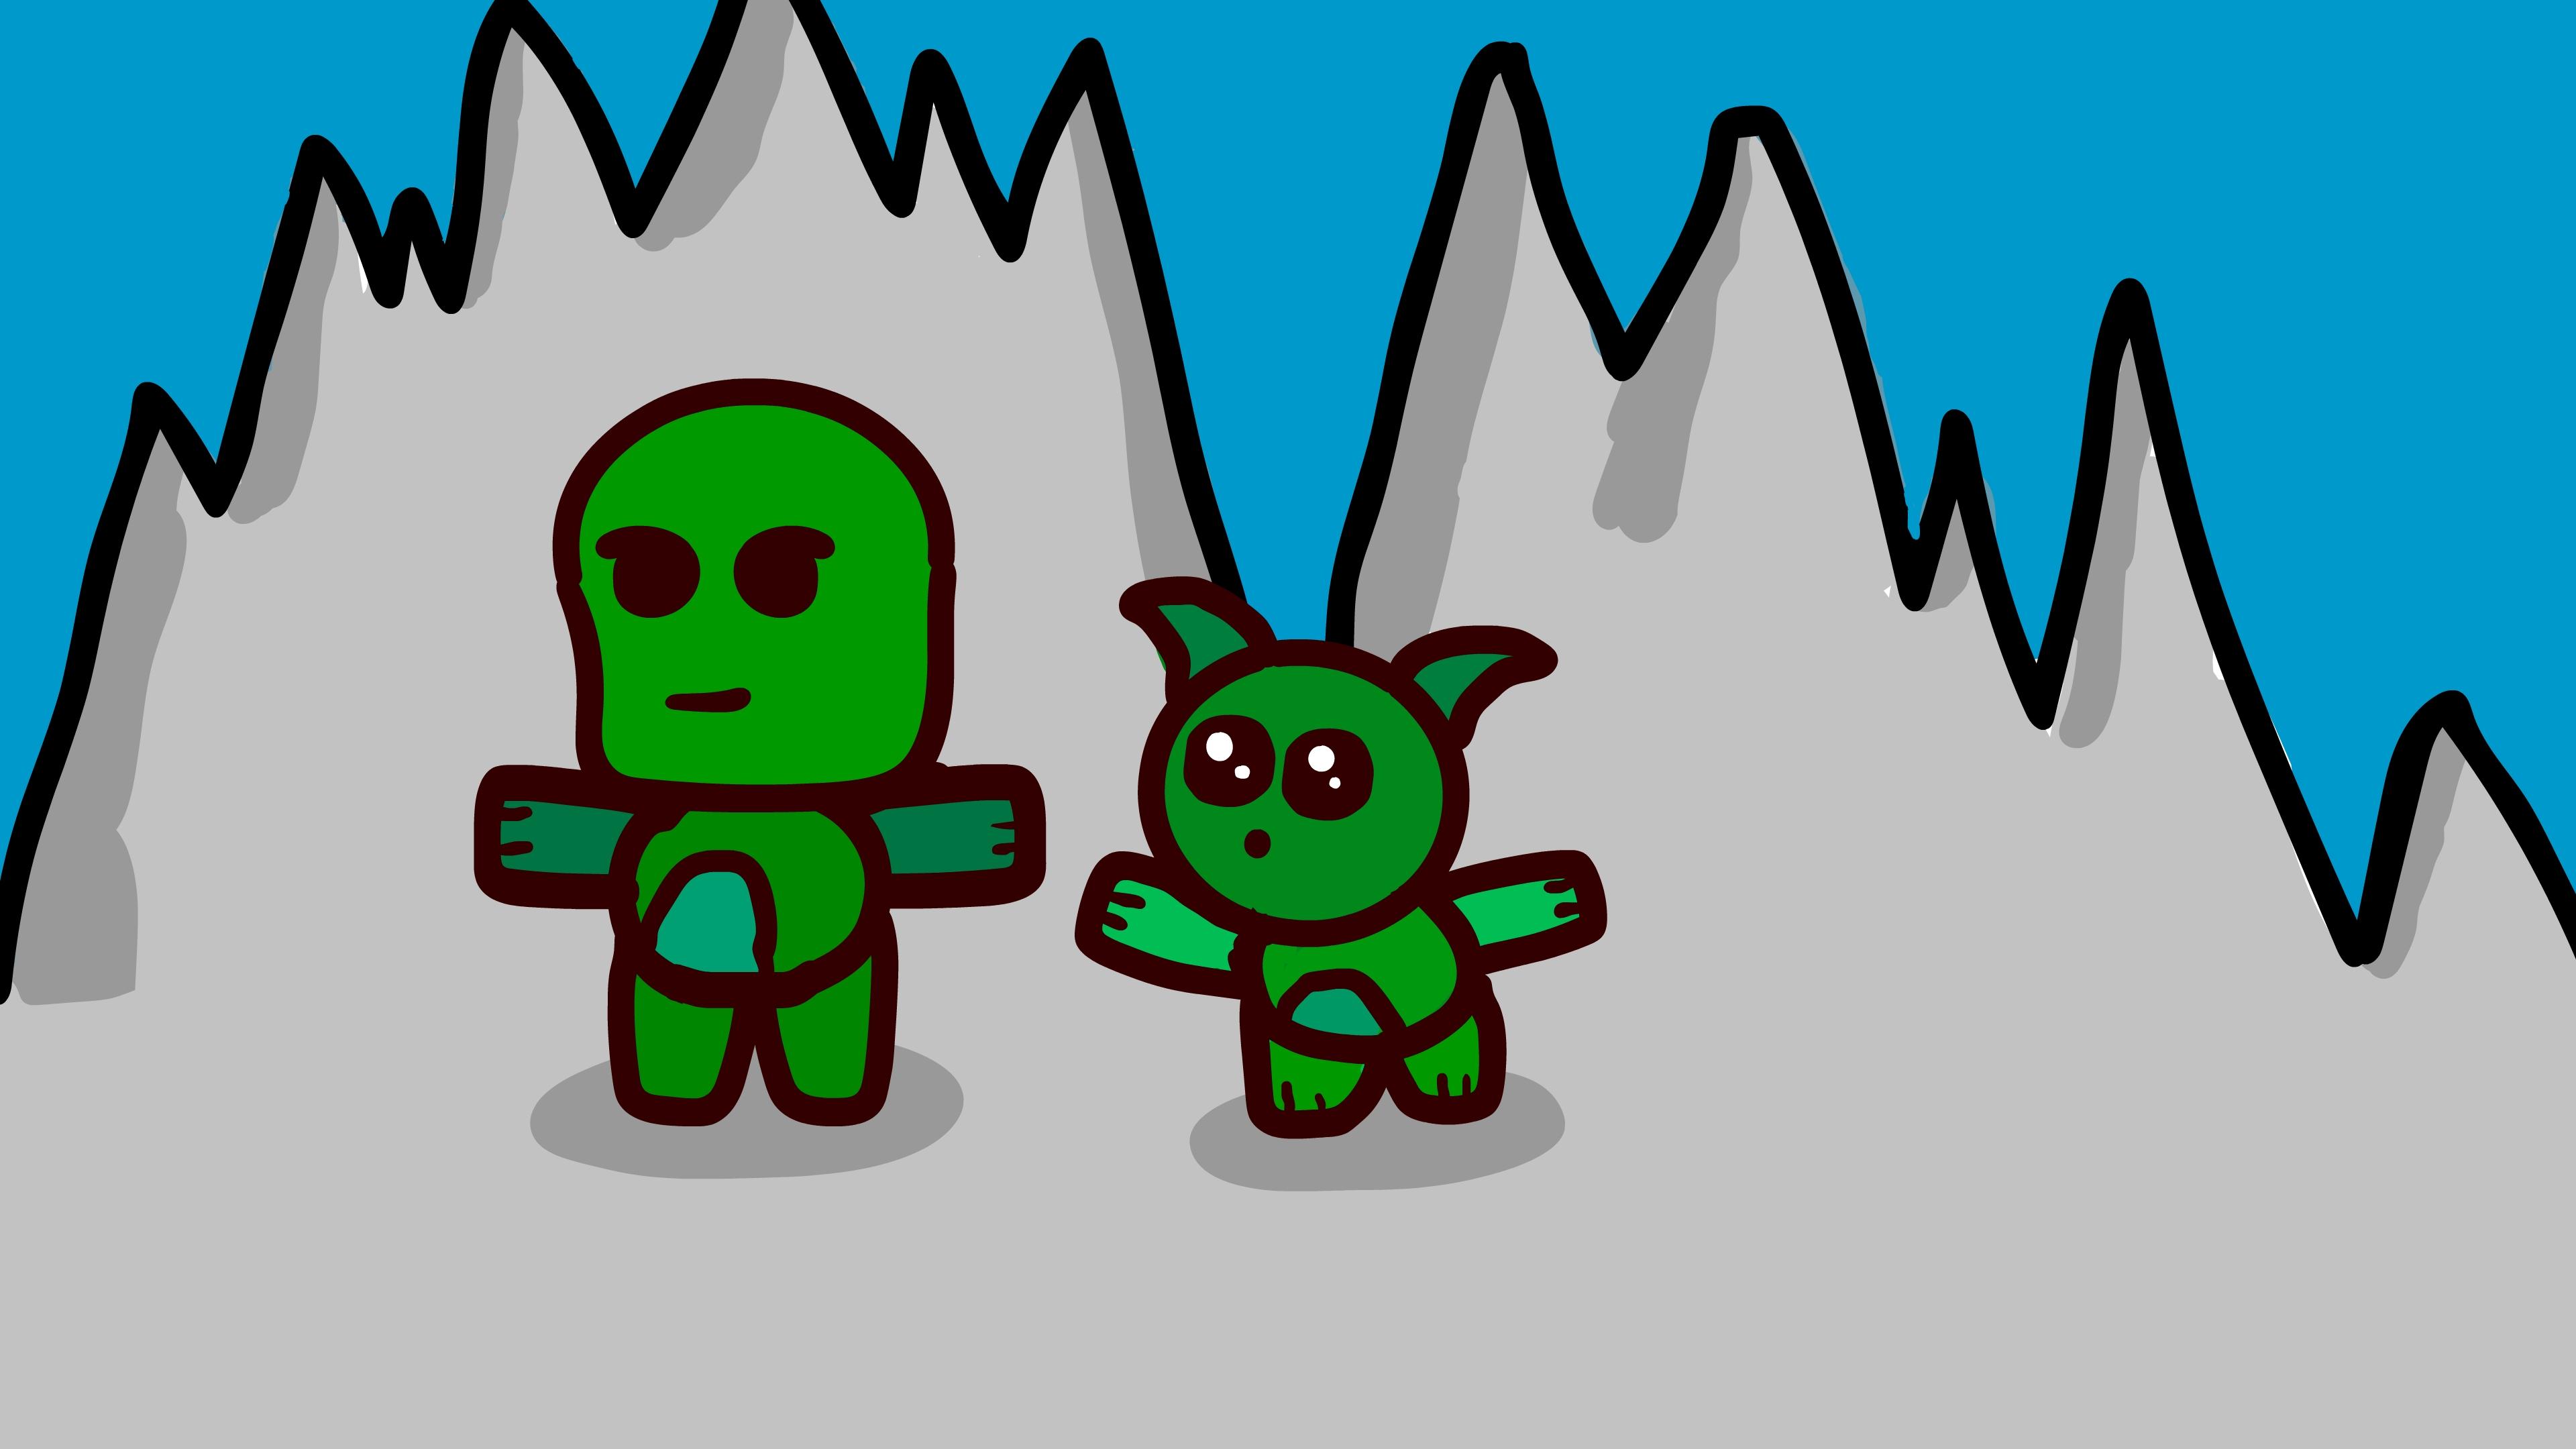 the Goblin cactus duo